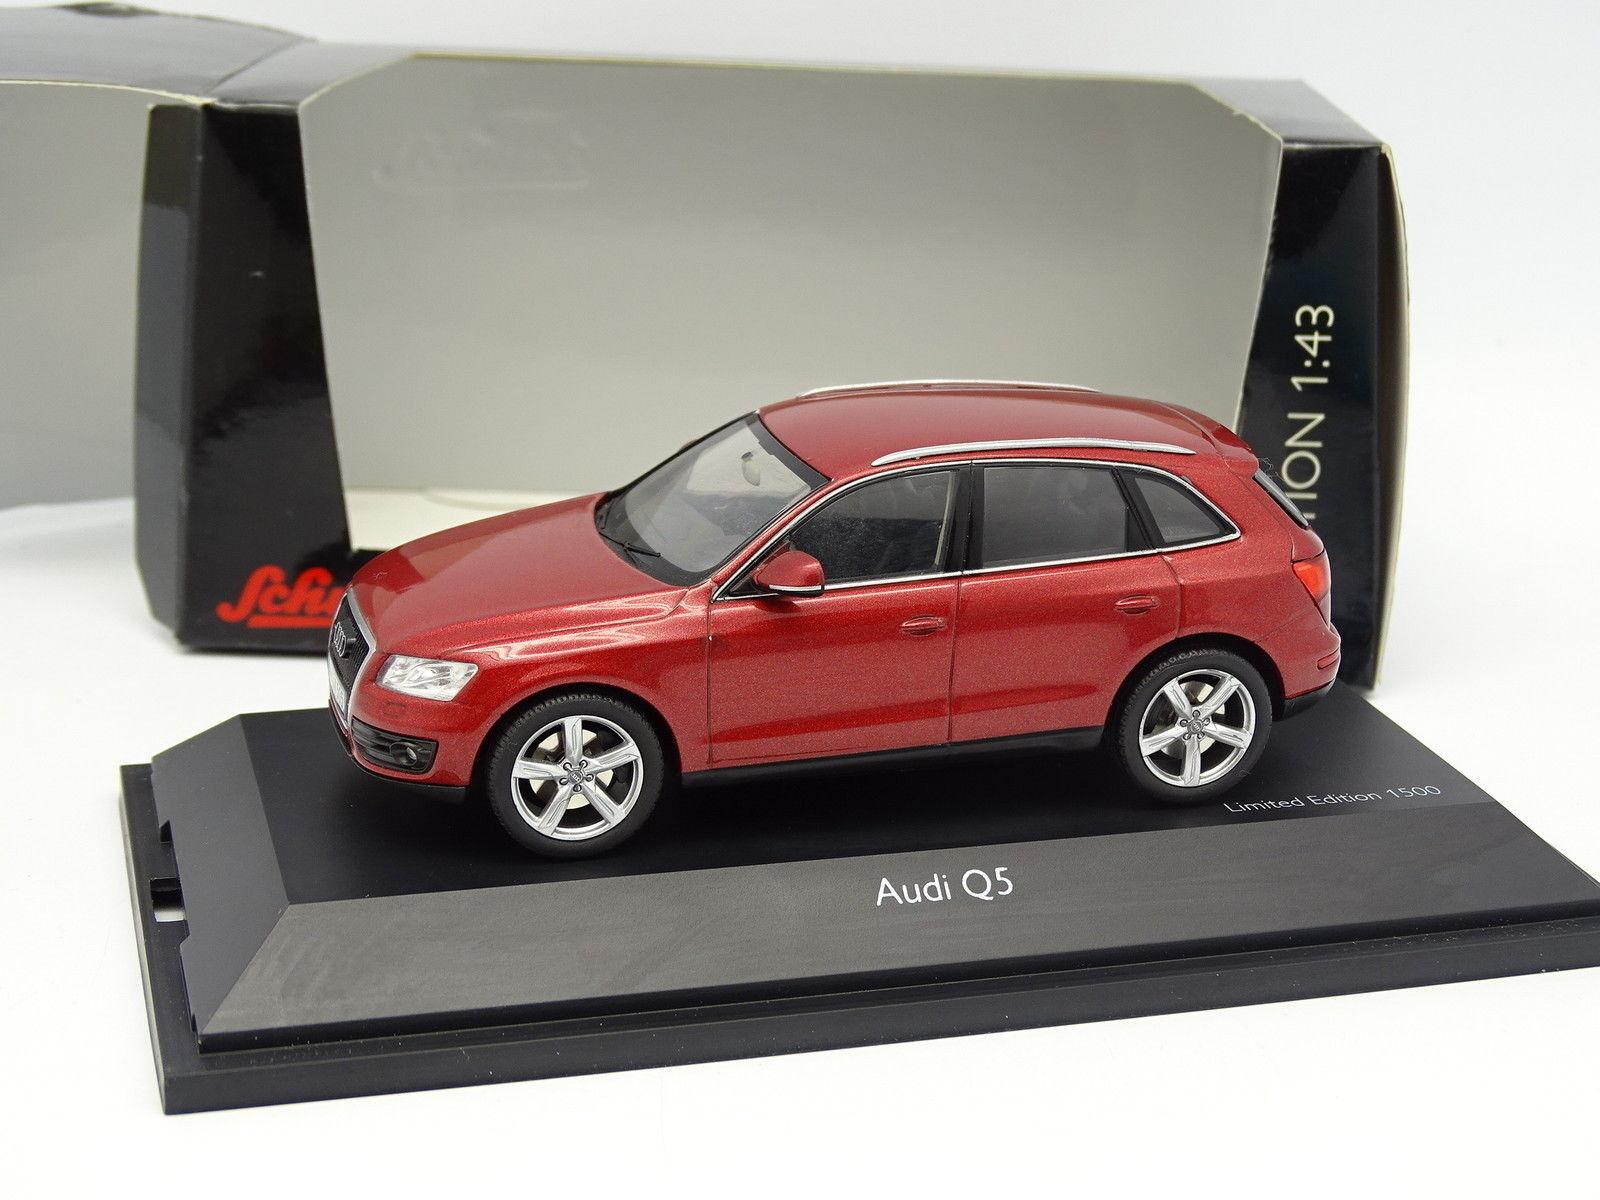 Schuco 1 43 - Audi Q5 rosso